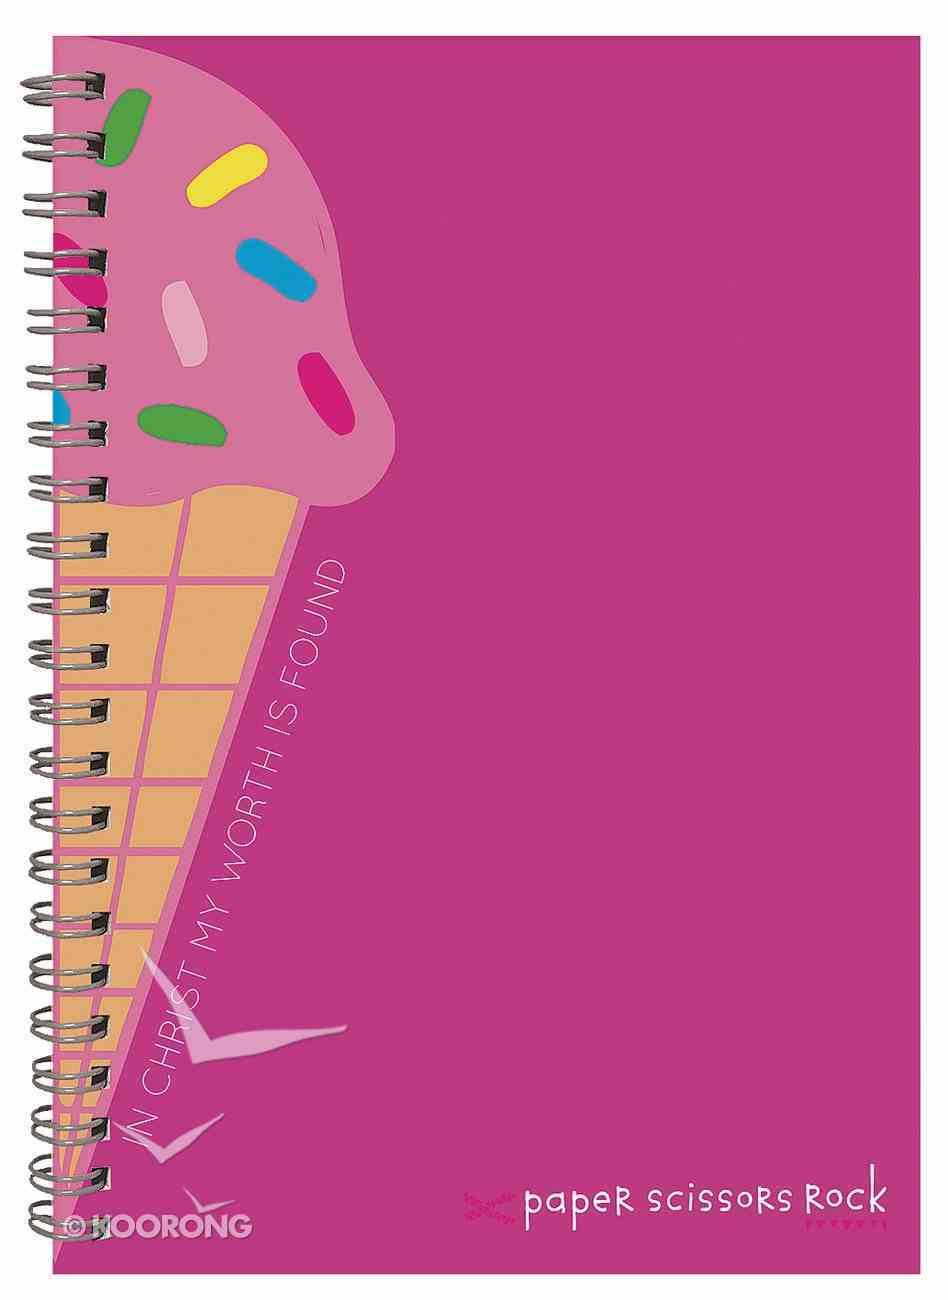 Teen Girls A6 Spiral Notepad: In Christ My Worth is Found Spiral